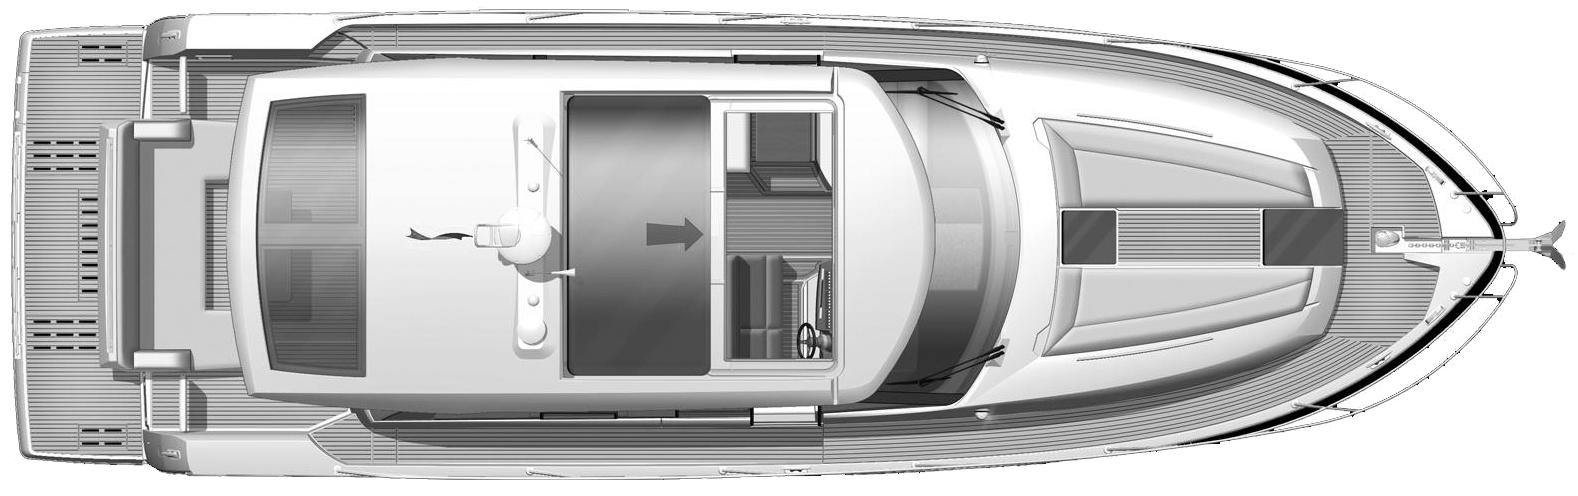 NC 14 Floor Plan 2